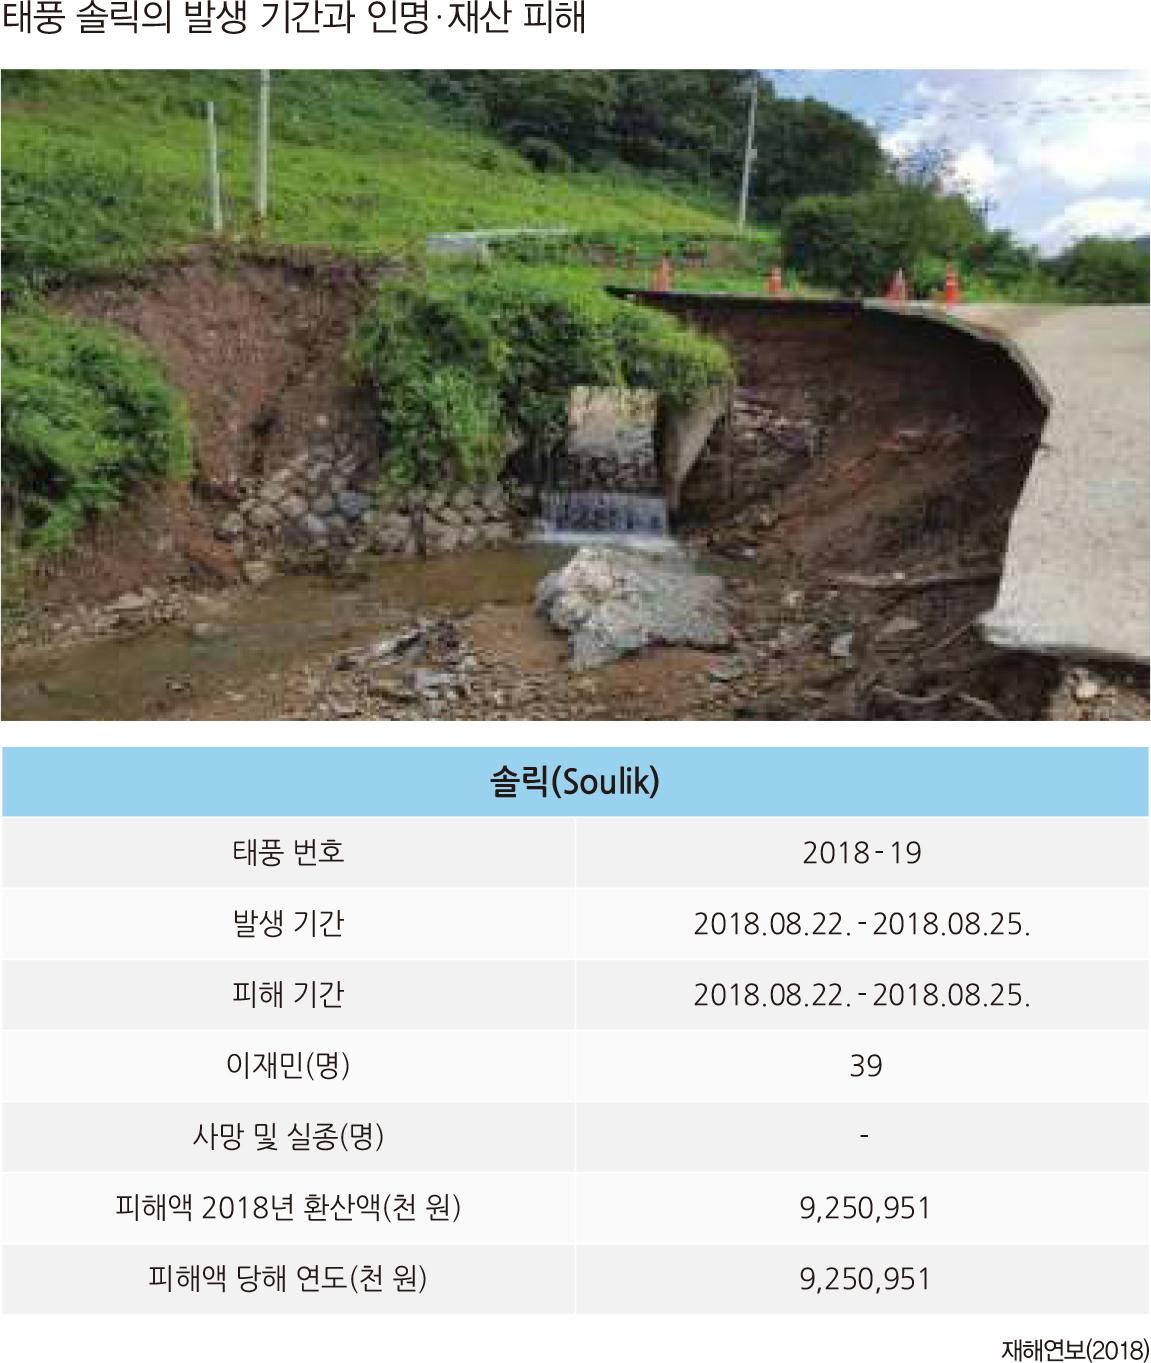 태풍 솔릭의 발생 기간과 인명  재산 피해